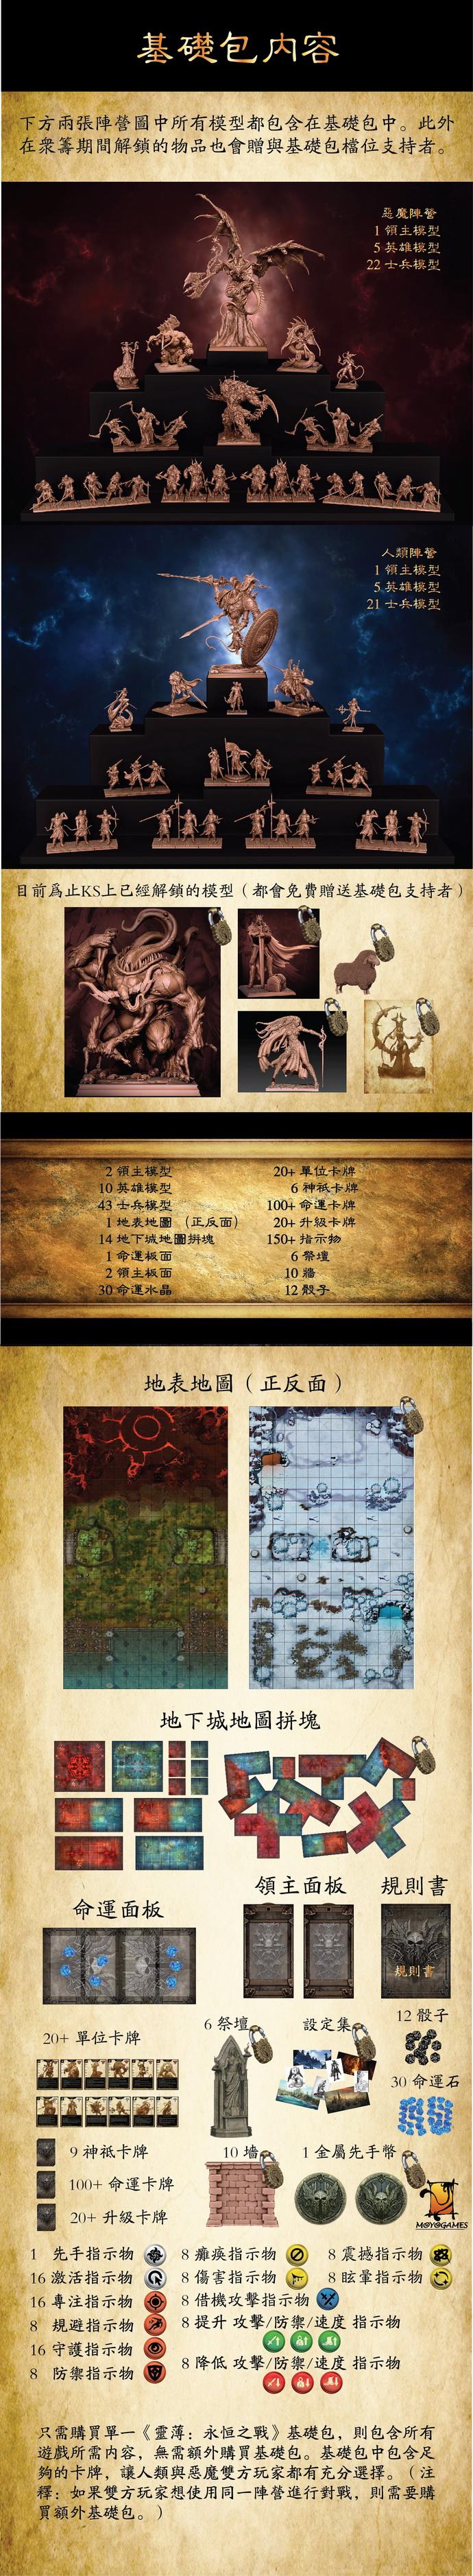 01 中文.jpg